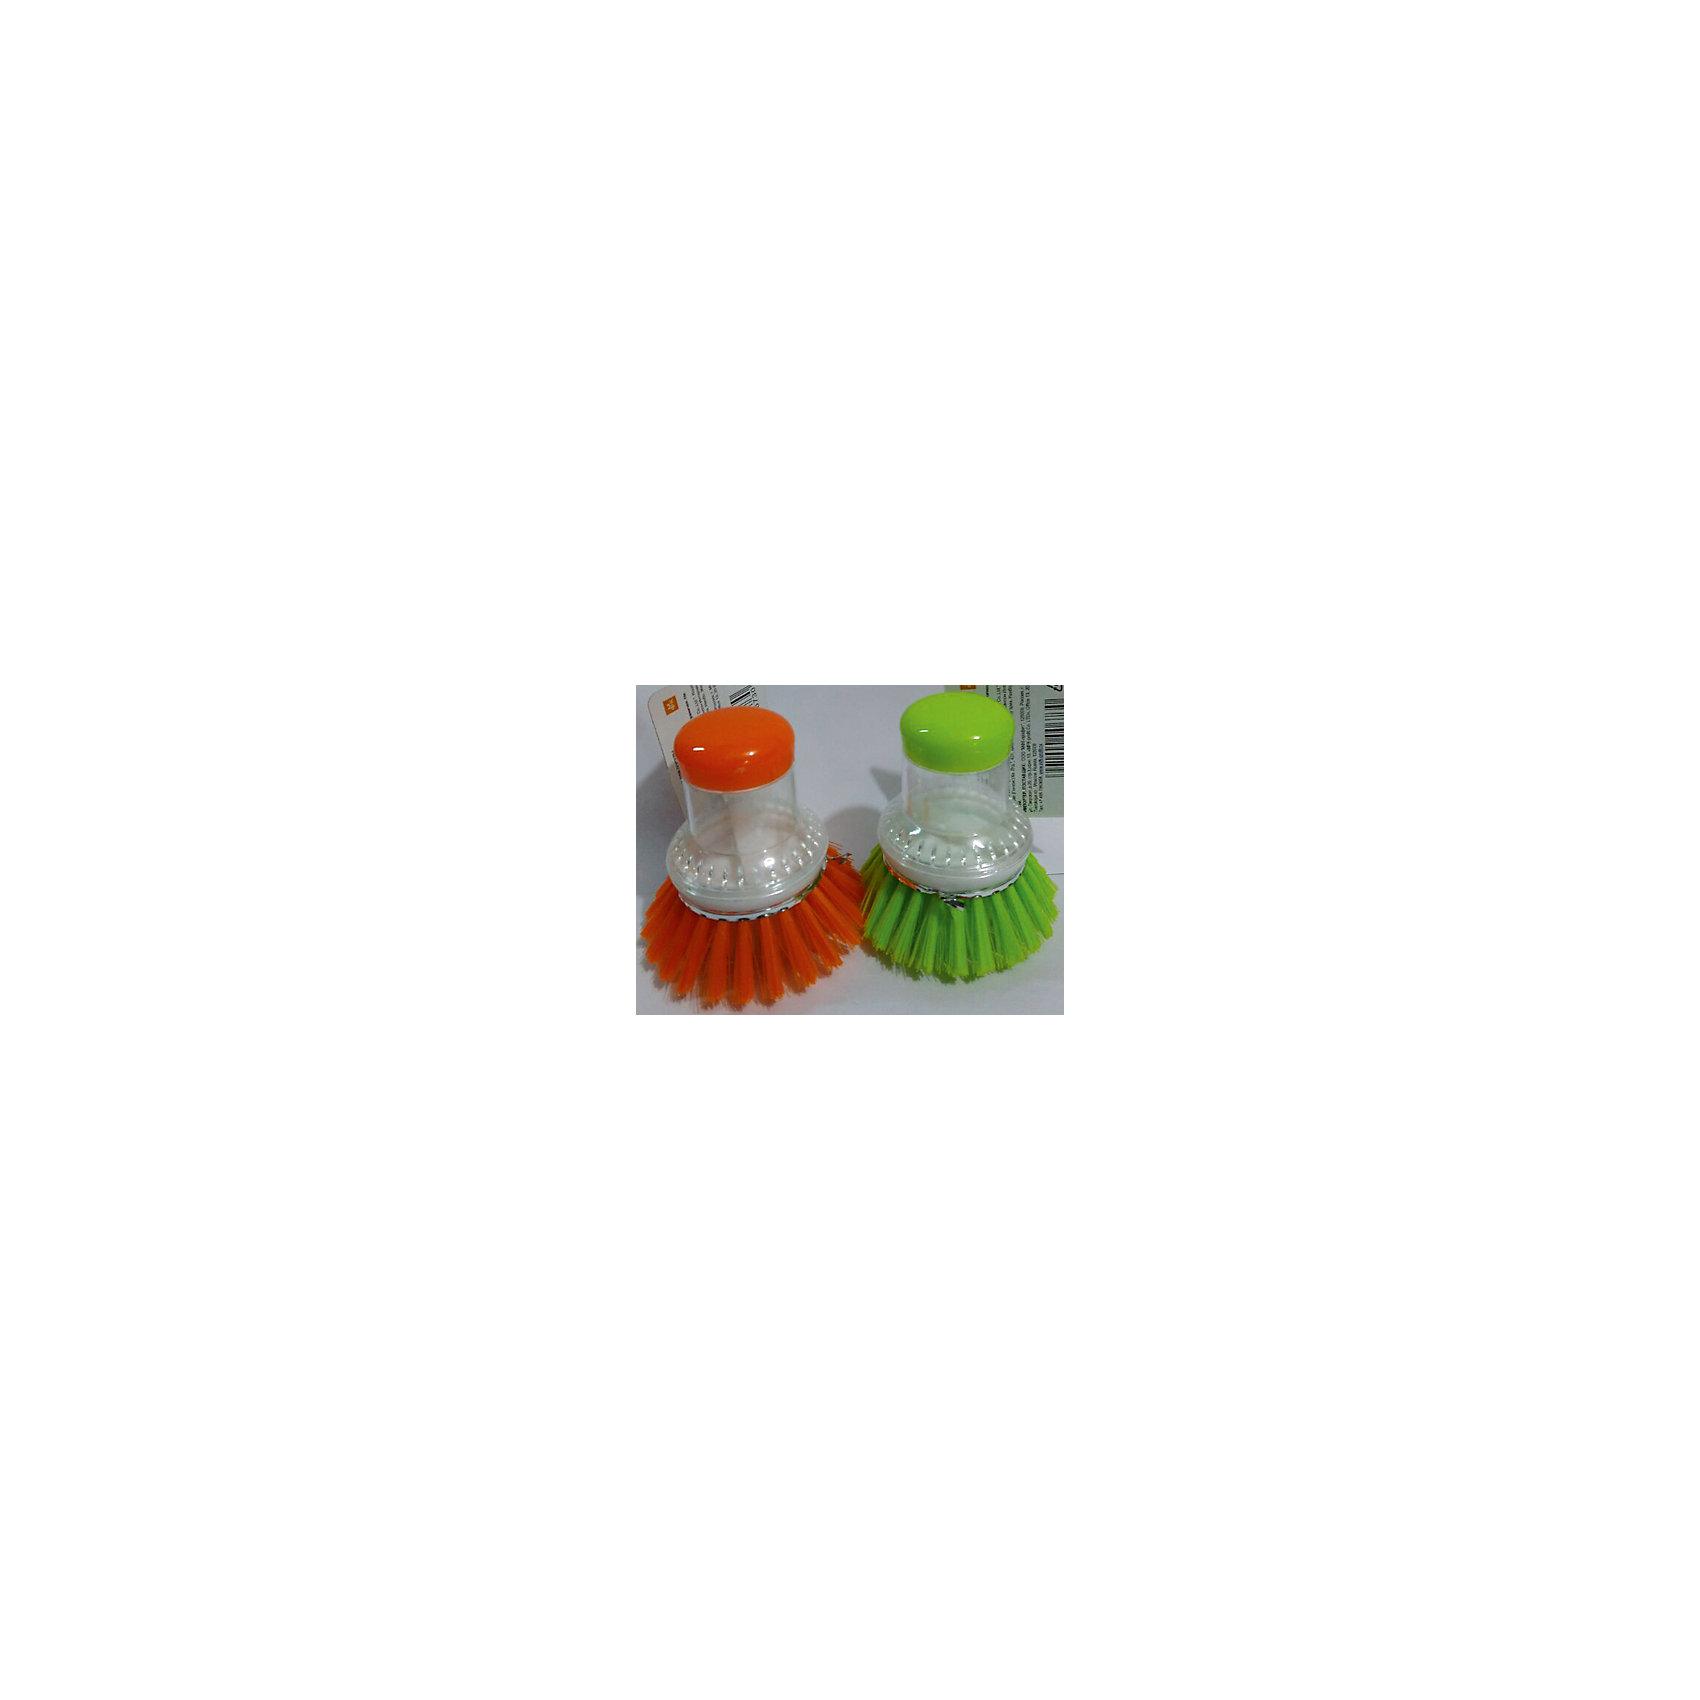 Щетка для посудыПосуда<br>Щетка для посуды.<br><br>Характеристики:<br><br>• Материал: пластик, нейлон<br>• Средней жесткости<br>• Размер упаковки: 8,5х8,5х9 см.<br>• Вес: 40 гр.<br>• ВНИМАНИЕ! Данный артикул представлен в различном цветовом исполнении. К сожалению, заранее выбрать определенный вариант невозможно. При заказе нескольких щеток возможно получение одинаковых<br><br>Щетка для посуды бережно защищает нежную кожу Ваших рук от вредного воздействия разнообразных чистящих смесей. Пользоваться щеткой удобно и легко. Следует просто открыть крышку и залить любое моющее средство. Щетка отлично очистит поверхность посуды от накопившейся грязи и не оставят ни единой царапины.<br><br>Щетку для посуды можно купить в нашем интернет-магазине.<br><br>Ширина мм: 85<br>Глубина мм: 85<br>Высота мм: 90<br>Вес г: 40<br>Возраст от месяцев: 36<br>Возраст до месяцев: 1188<br>Пол: Унисекс<br>Возраст: Детский<br>SKU: 5601150